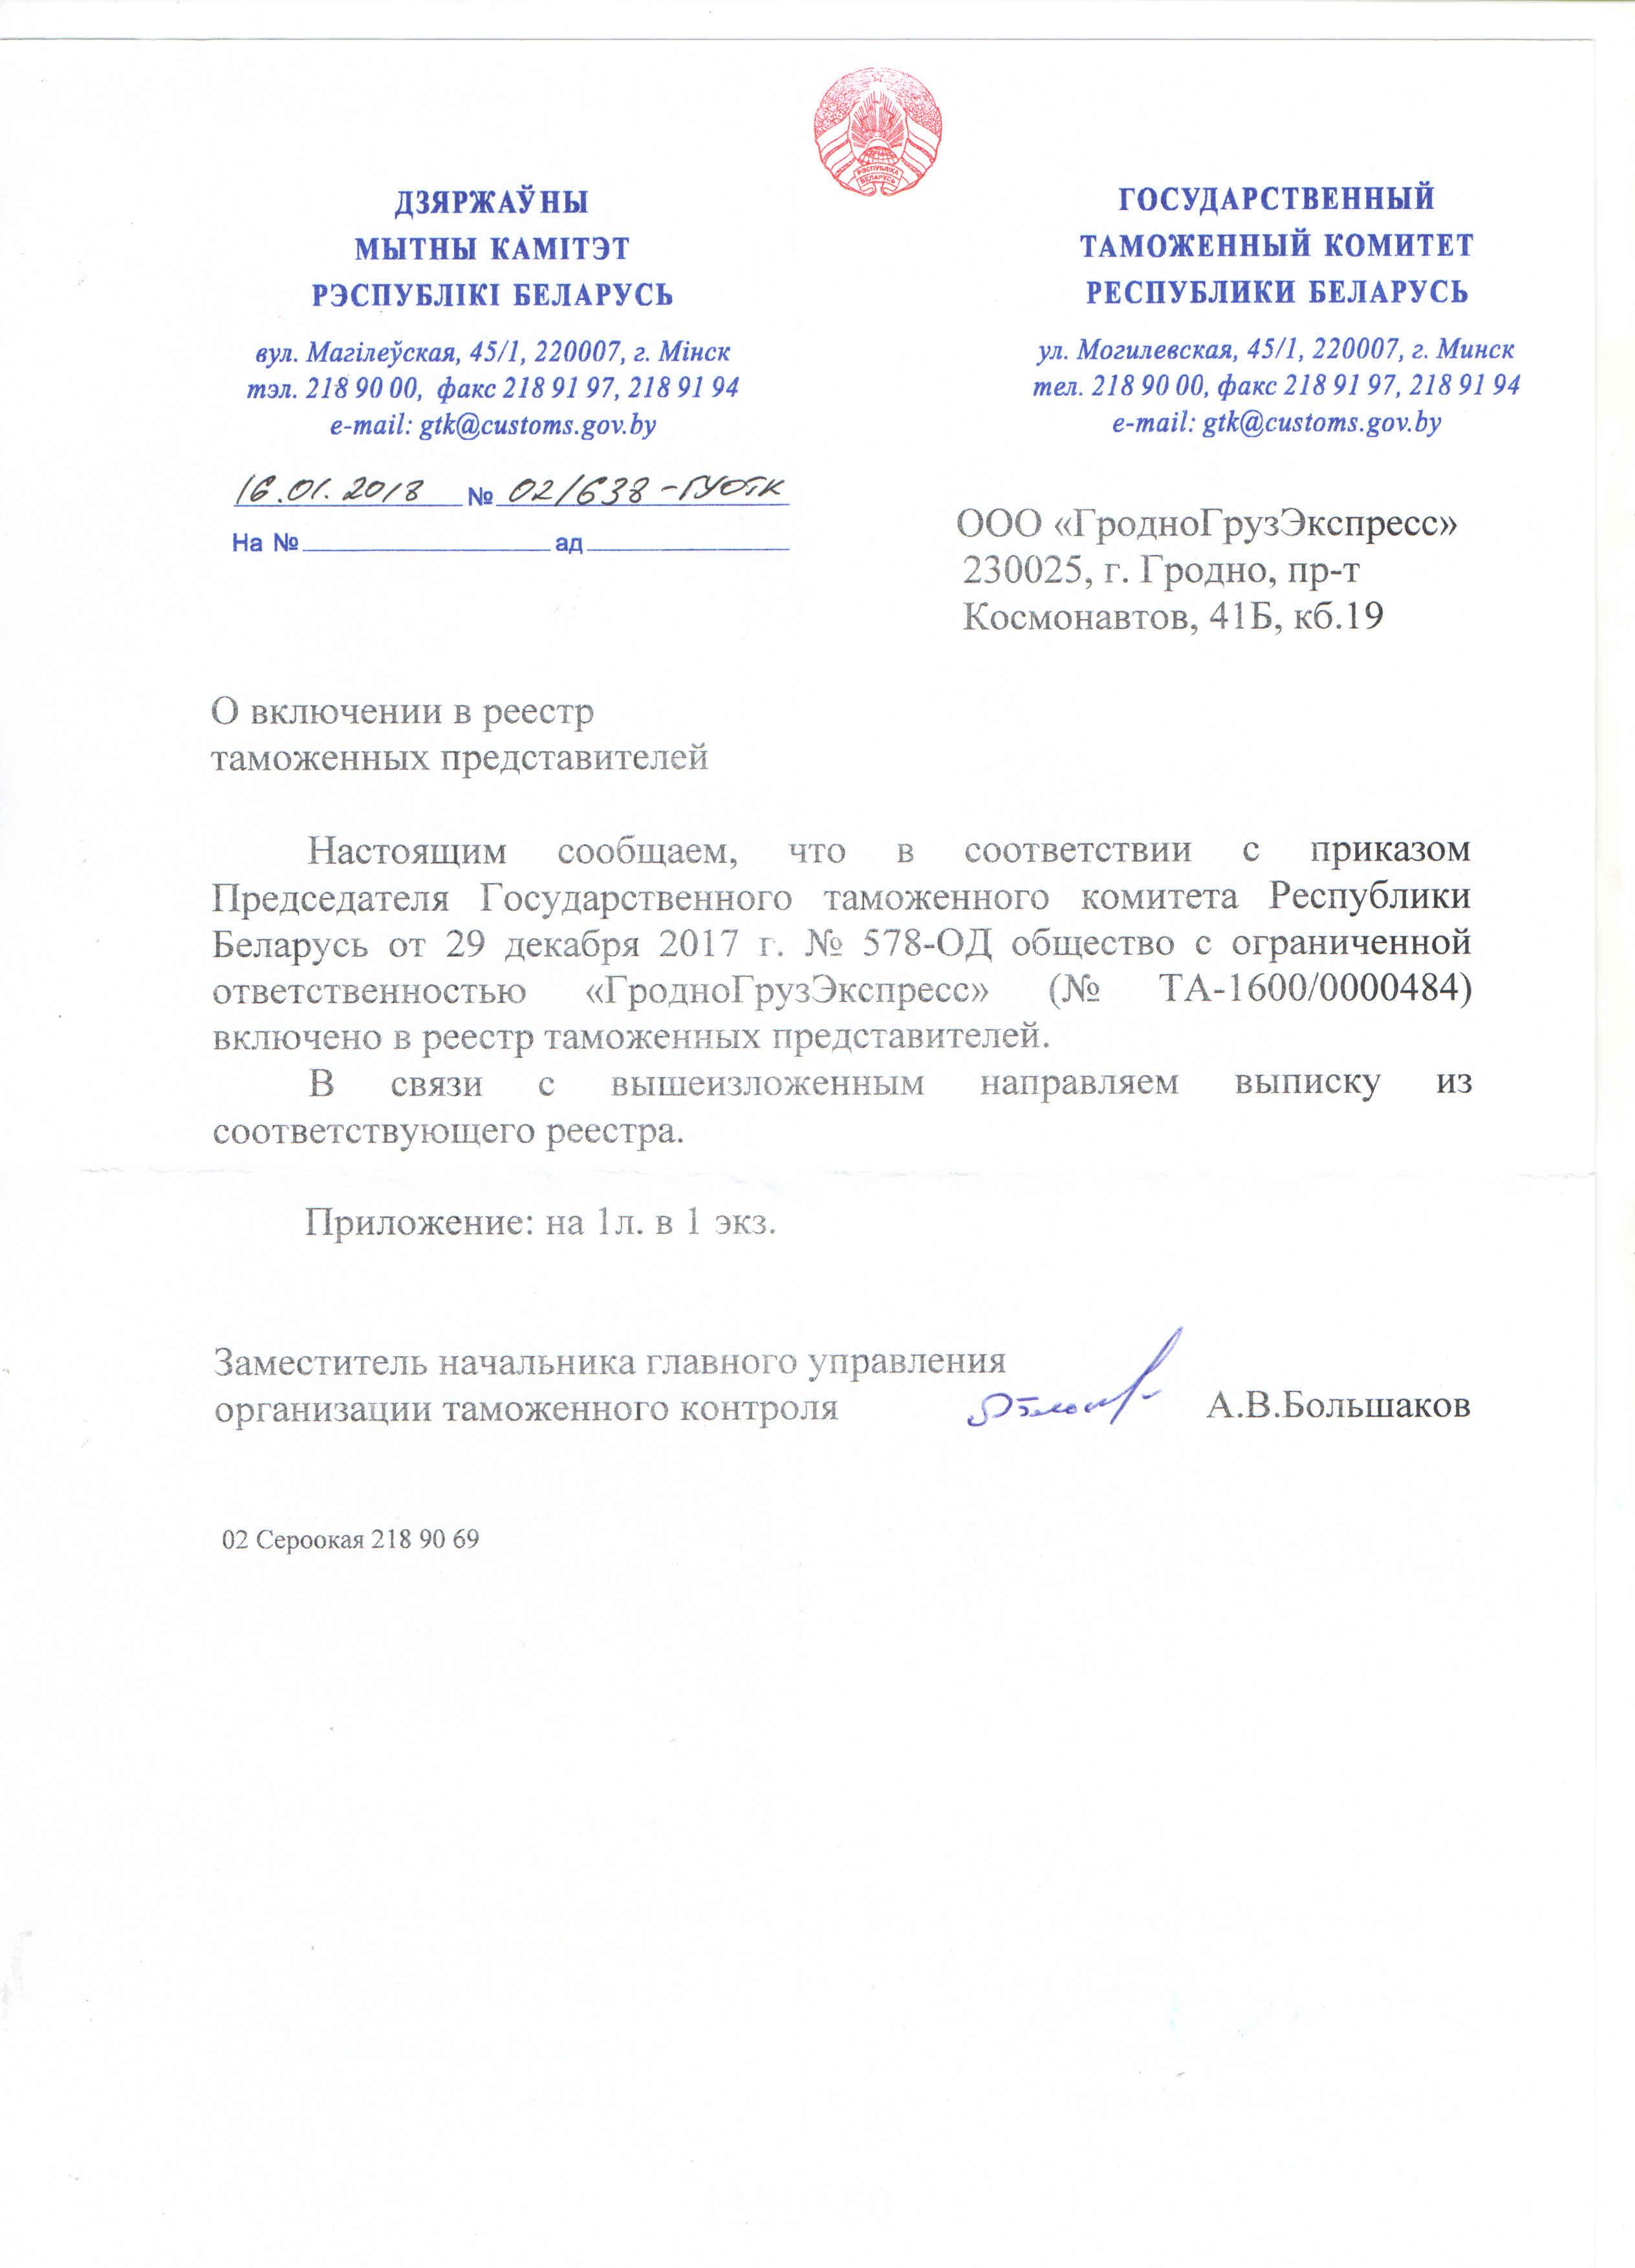 """ООО """"ГродноГрузЭкспресс"""" включено в реестр таможенных представителей"""